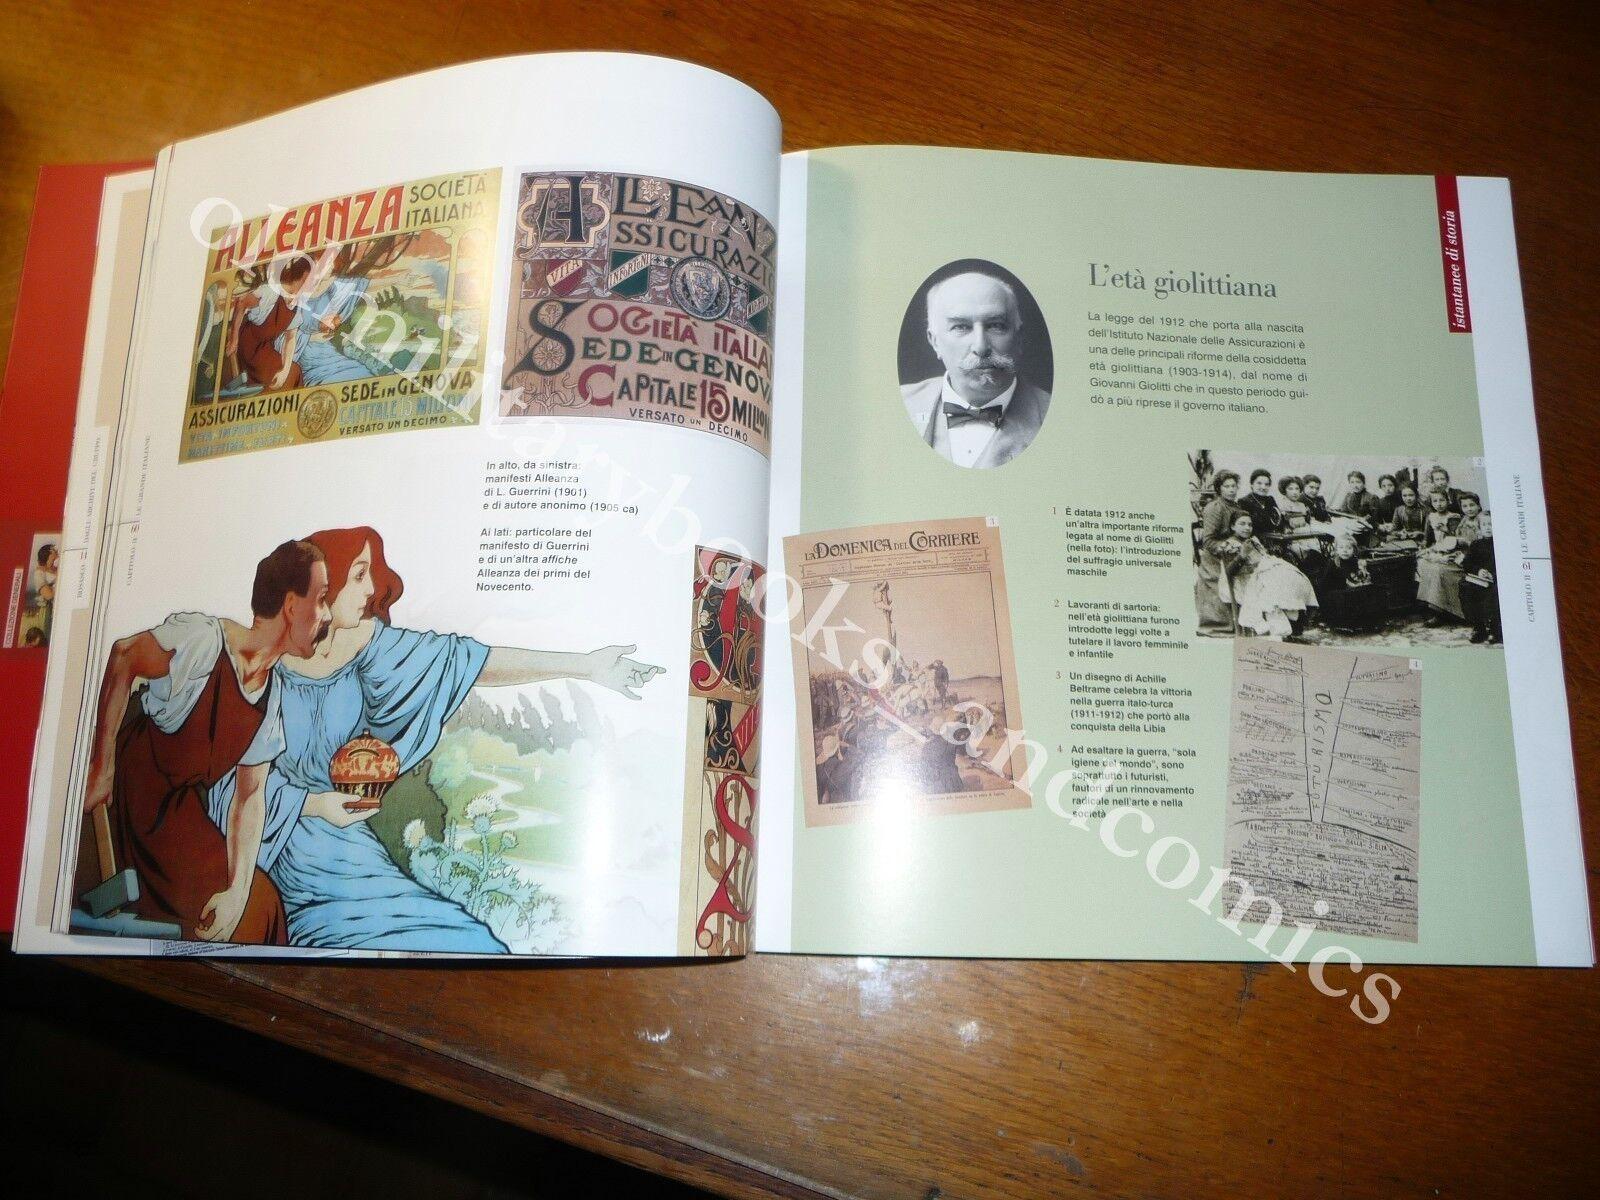 L'IMMAGINE IL GRUPPO GENERALI E L'ARTE DELLA RECLAME LE ASSICURAZIONI E PUBBLICI